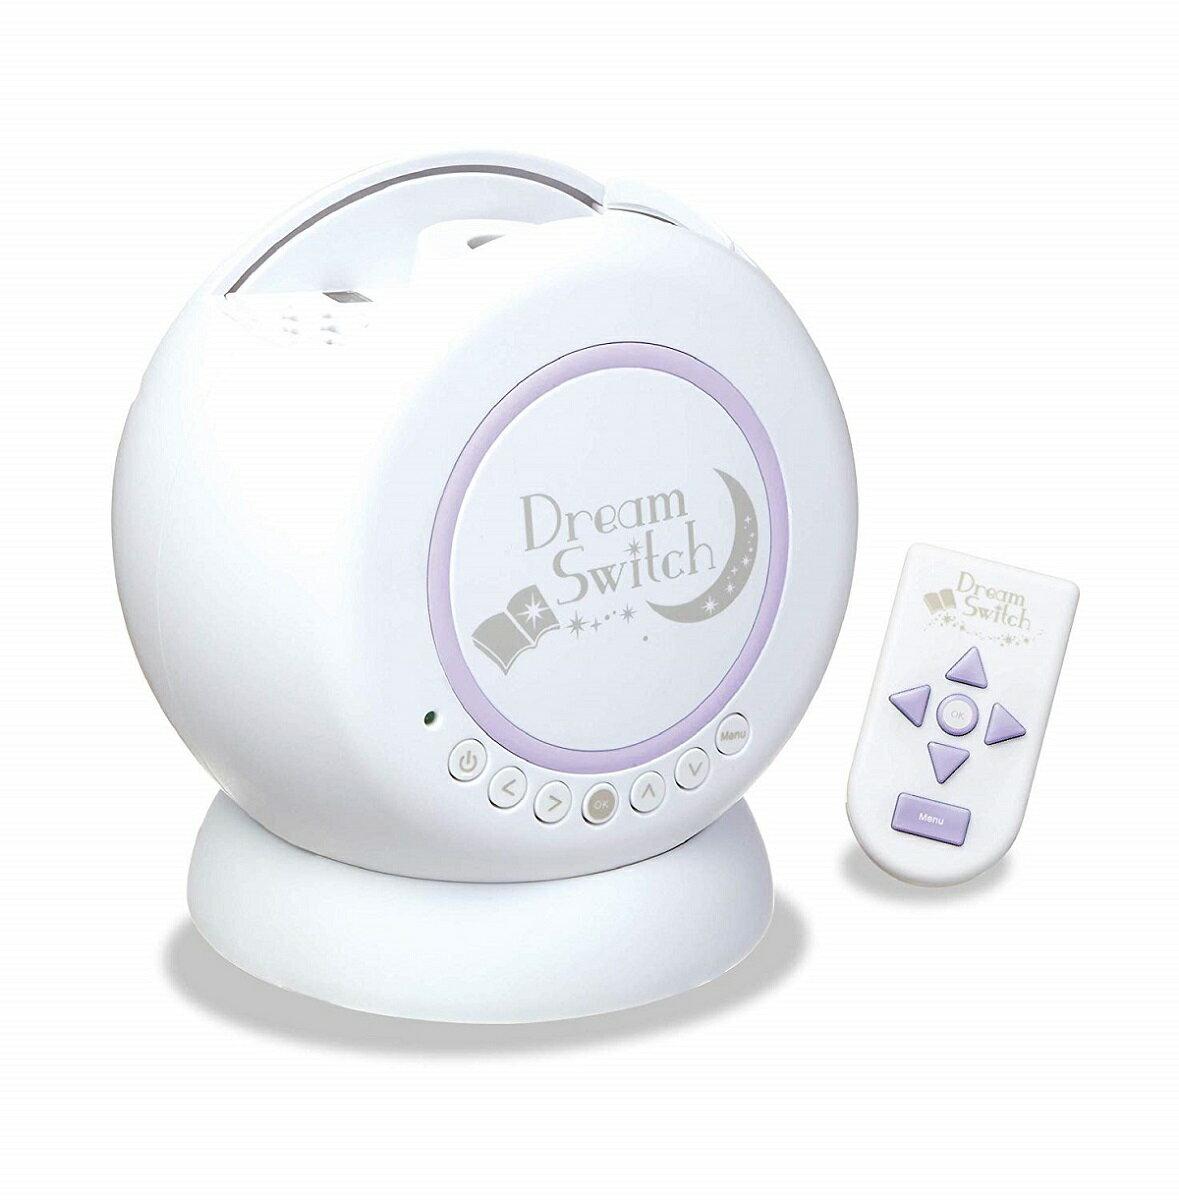 【あす楽】送料無料 動く絵本プロジェクター ドリームスイッチ(Dream Switch) おもちゃ こども 子供 知育 勉強